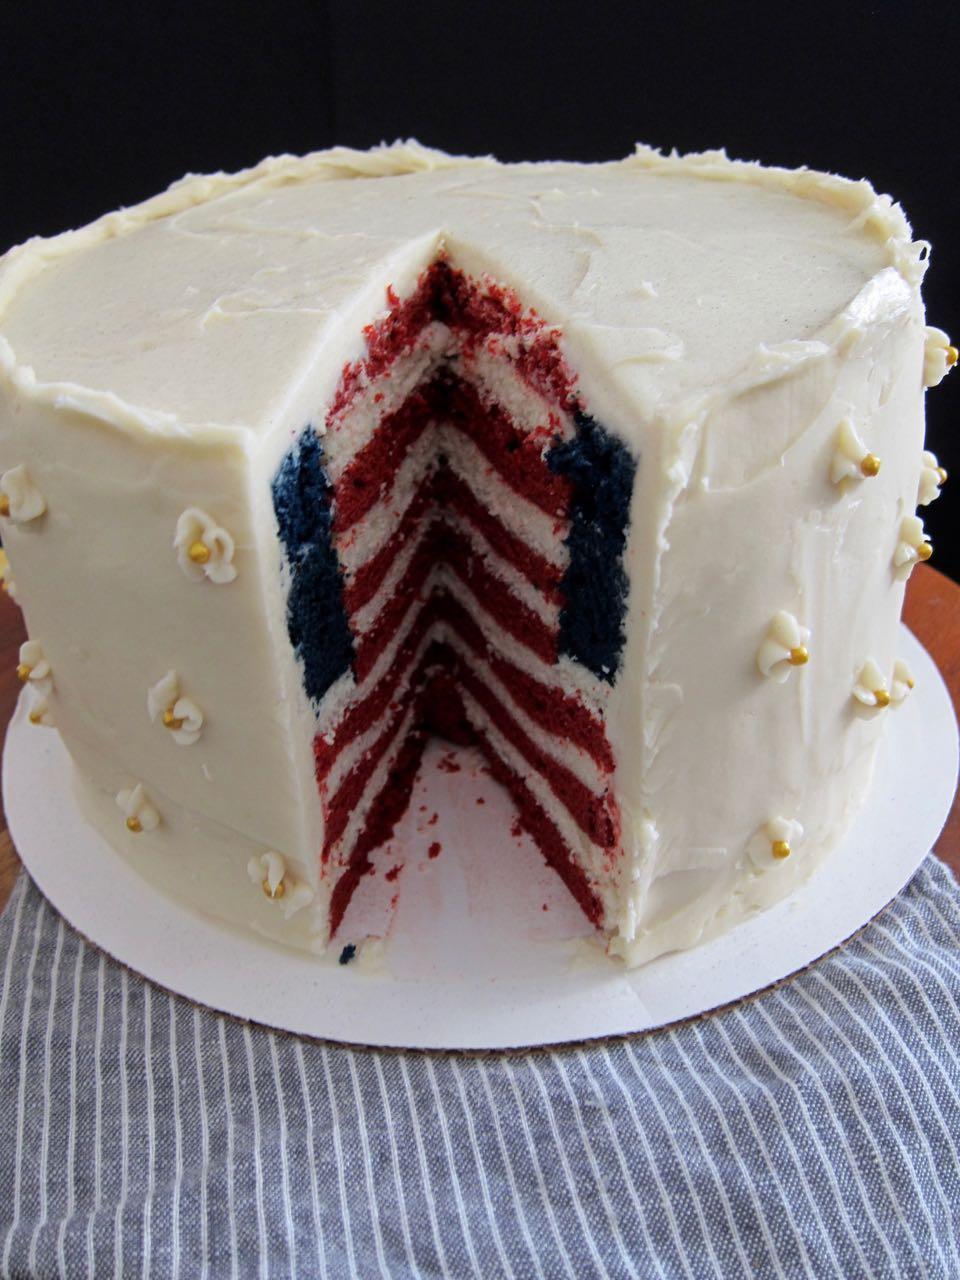 American flag inside cake